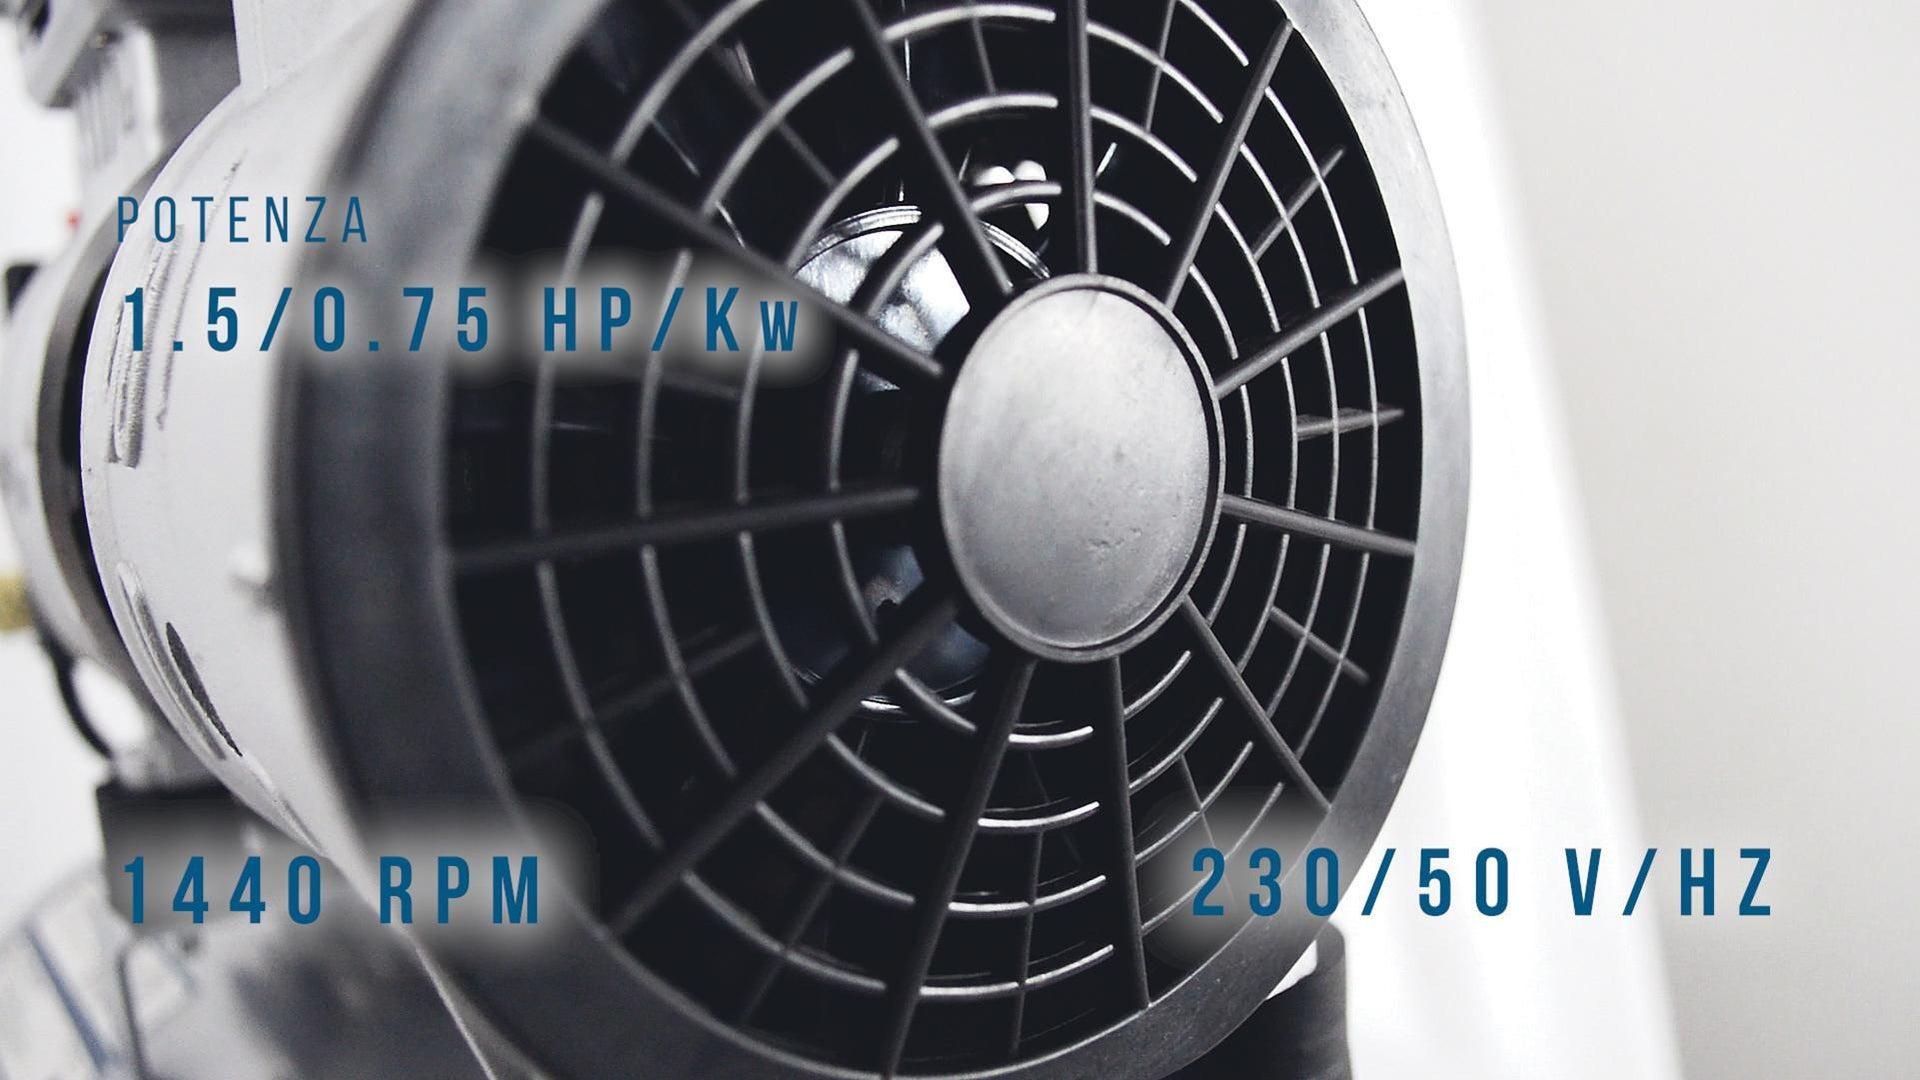 Compressore silenziato HYUNDAI Supersilent, 1 hp, 8 bar, 24 L - 6